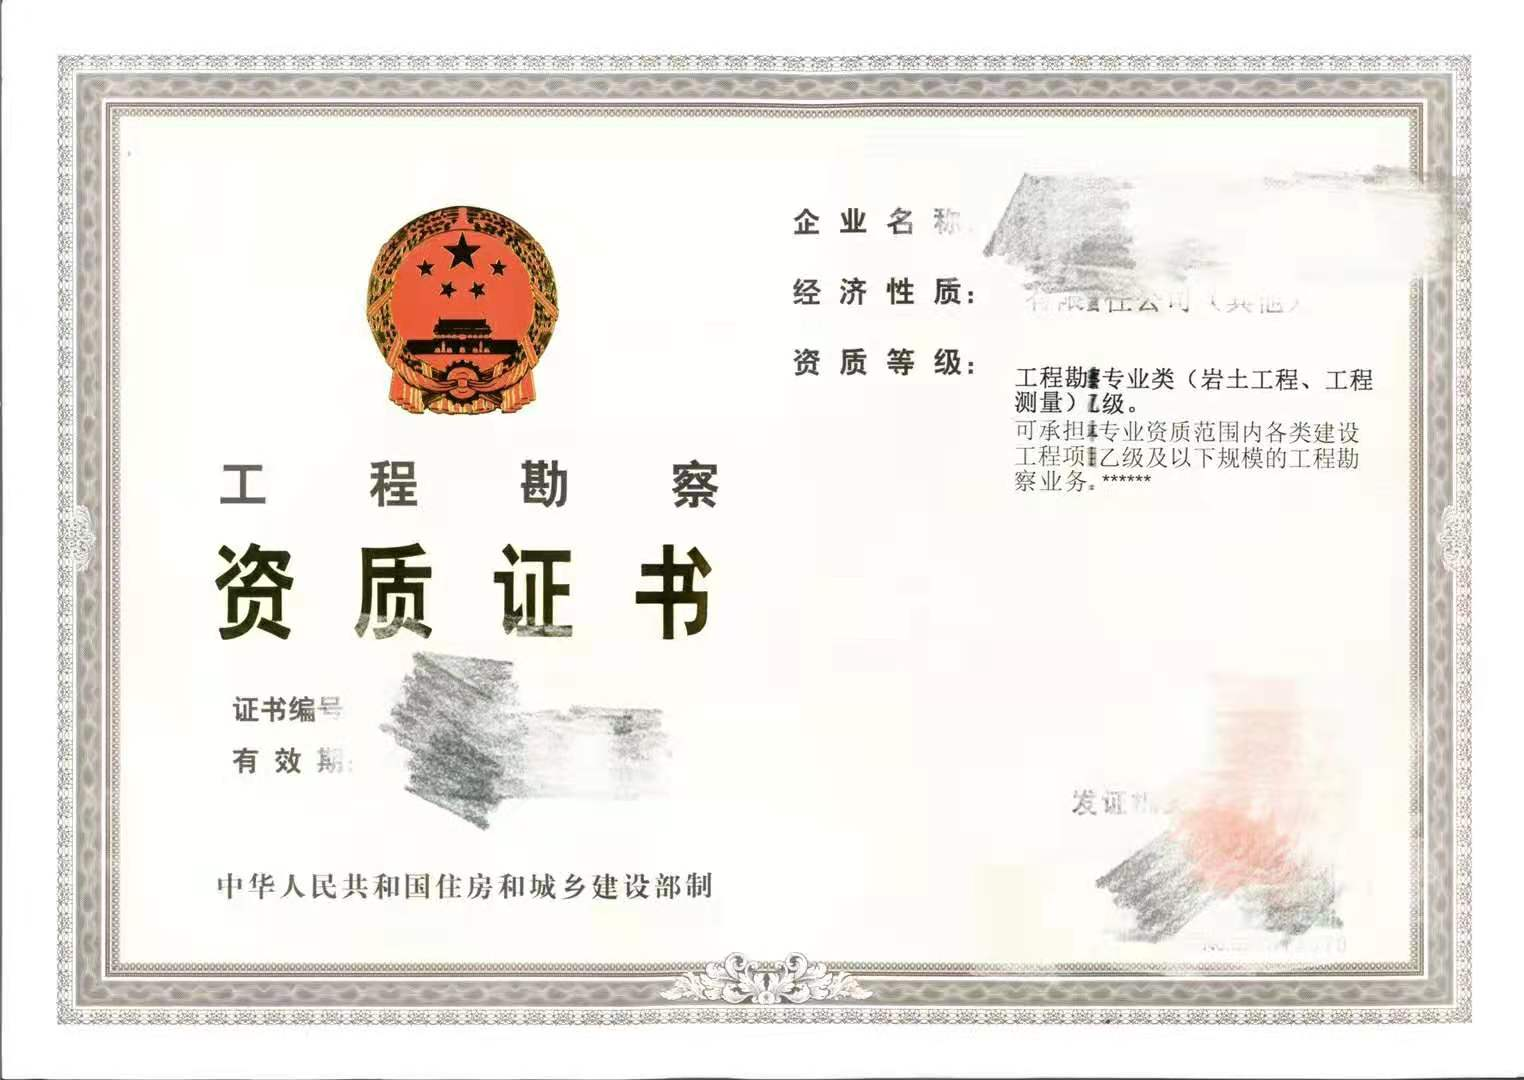 景观索道桥设计_郑州景观设计公司_国外的景观垃圾桶设计